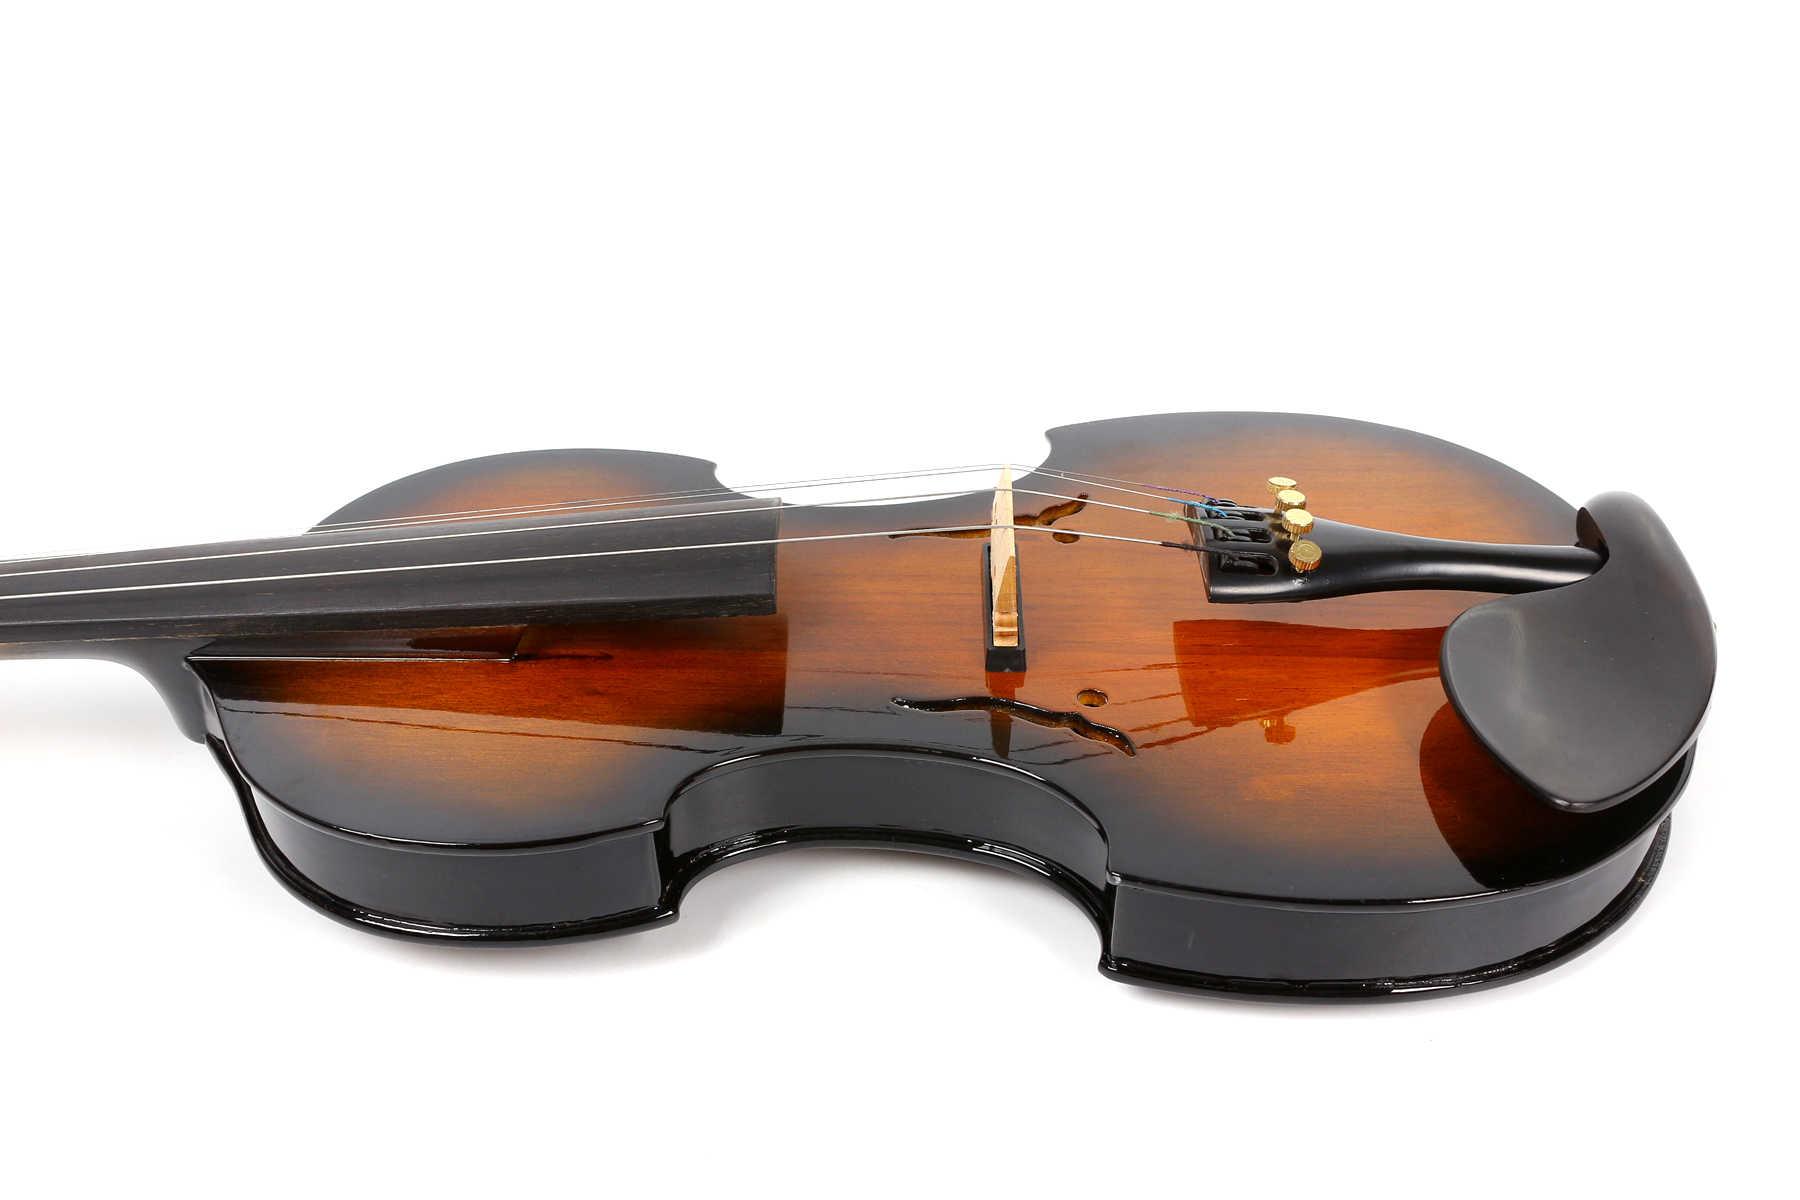 Yinfente электрическая Тихая скрипка 4/4 ручная работа сладкий звук свободный чехол + бант + кабель # EV12